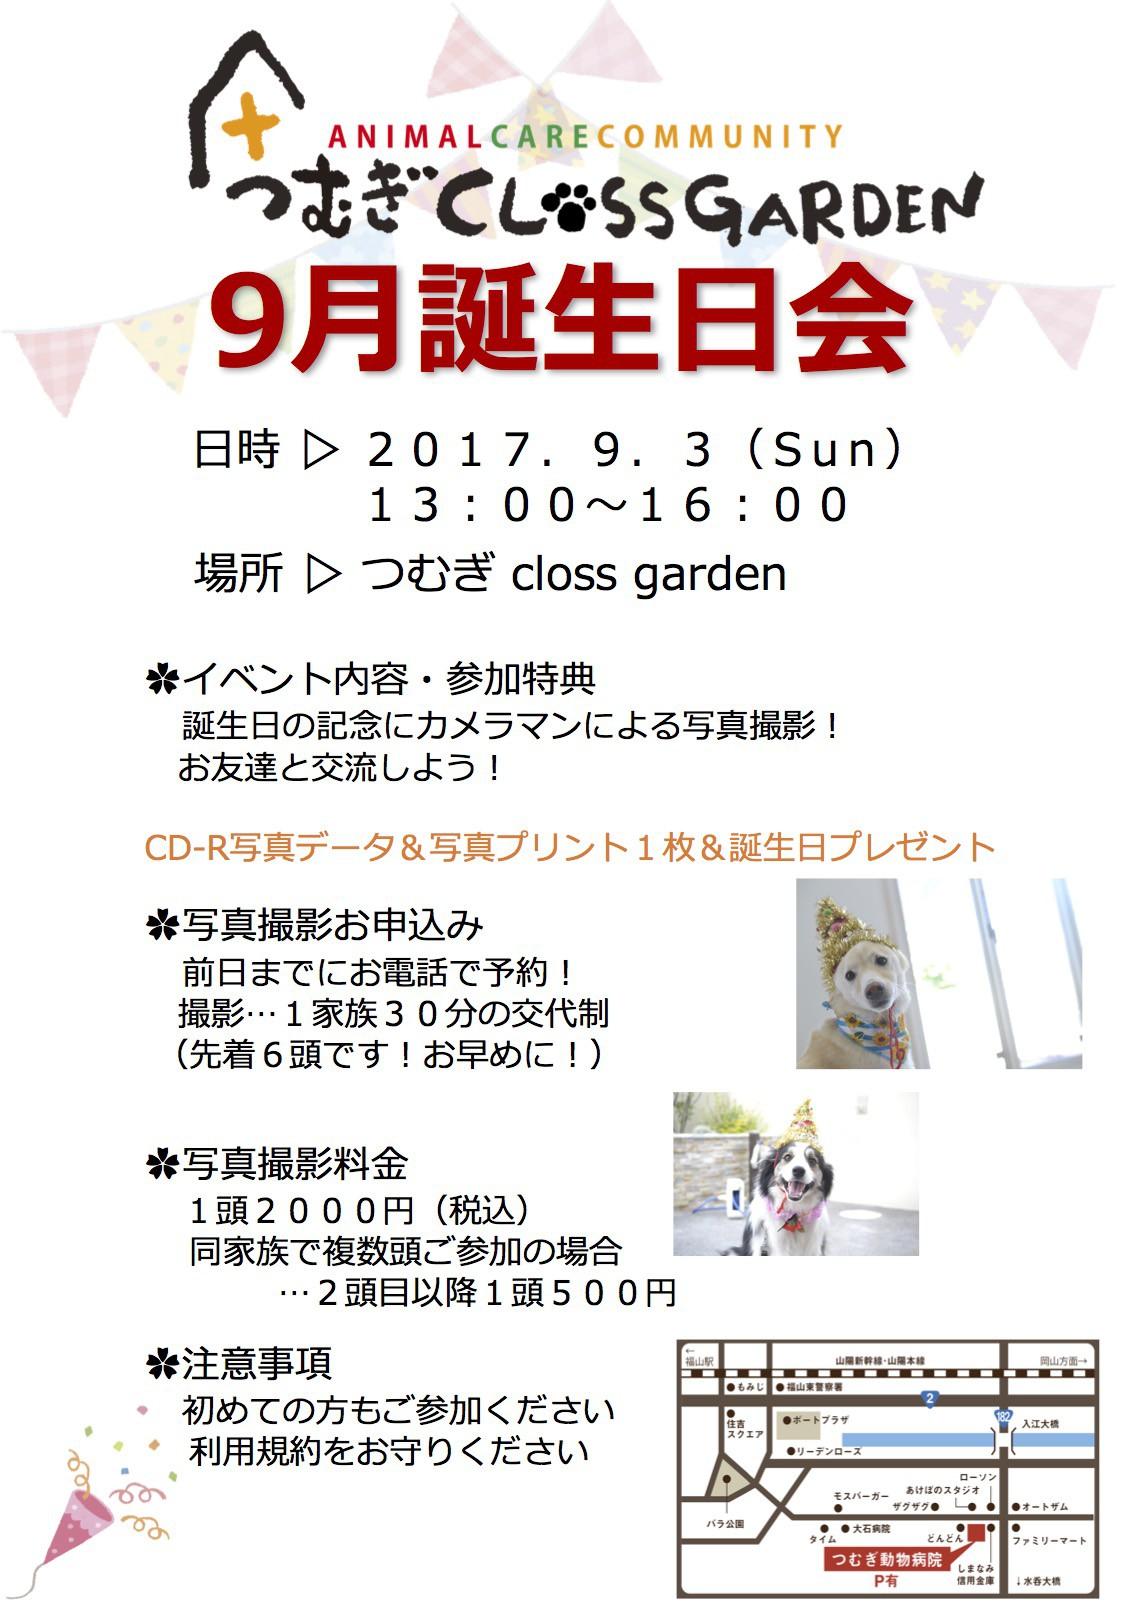 2017.9月誕生日会